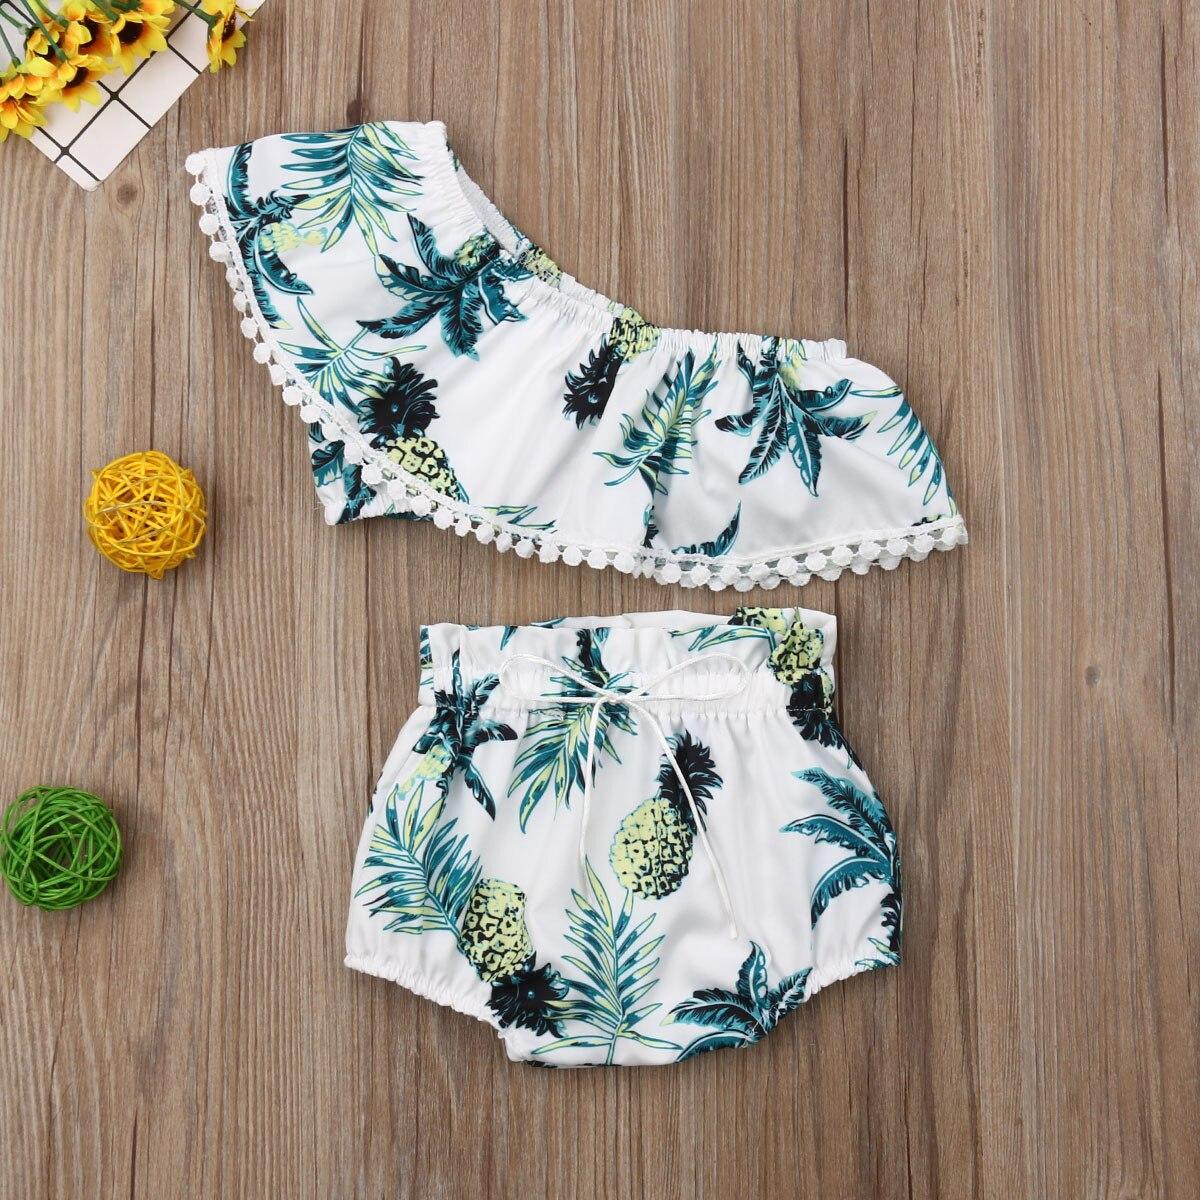 Bebê da criança meninas roupas abacaxi impressão colheita topos + cuecas 2 peças conjunto roupa verão 2020